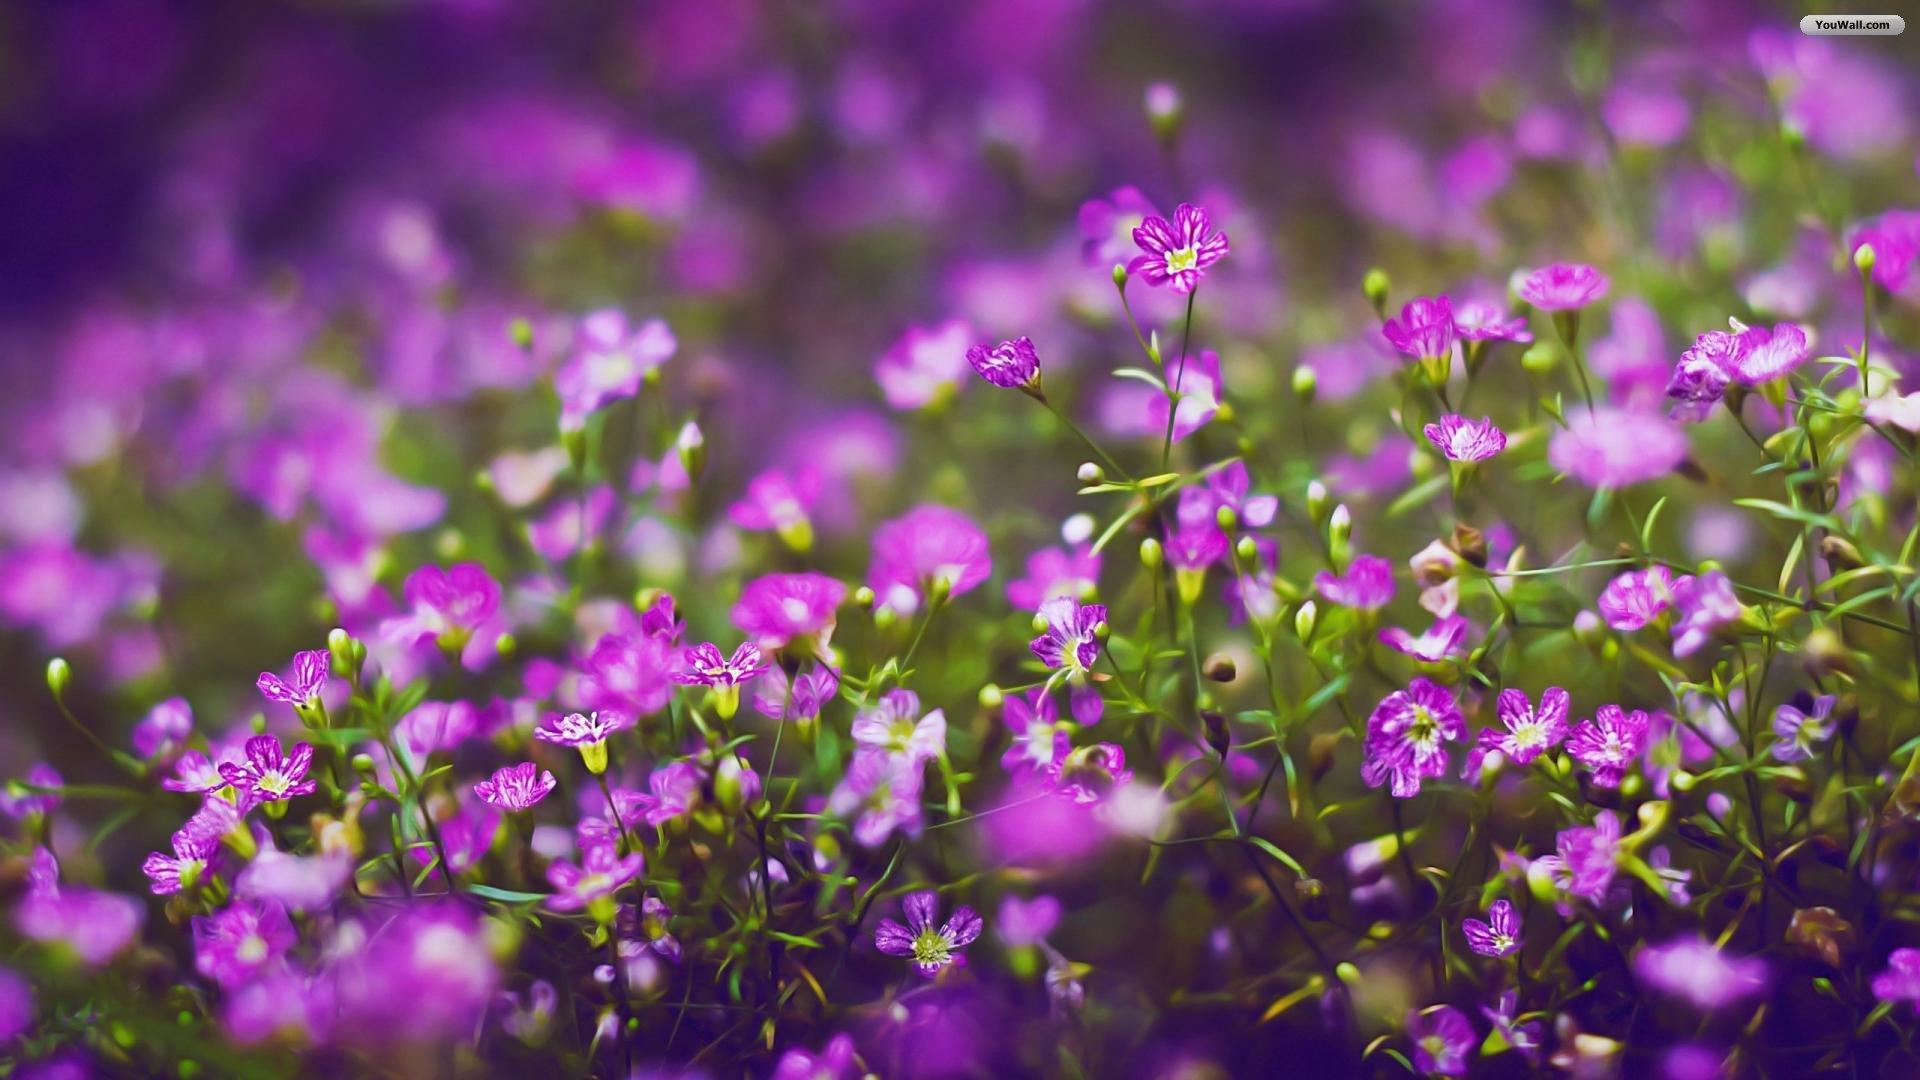 wallpapers flower flowers purple wallpaper 1920x1080 1920x1080